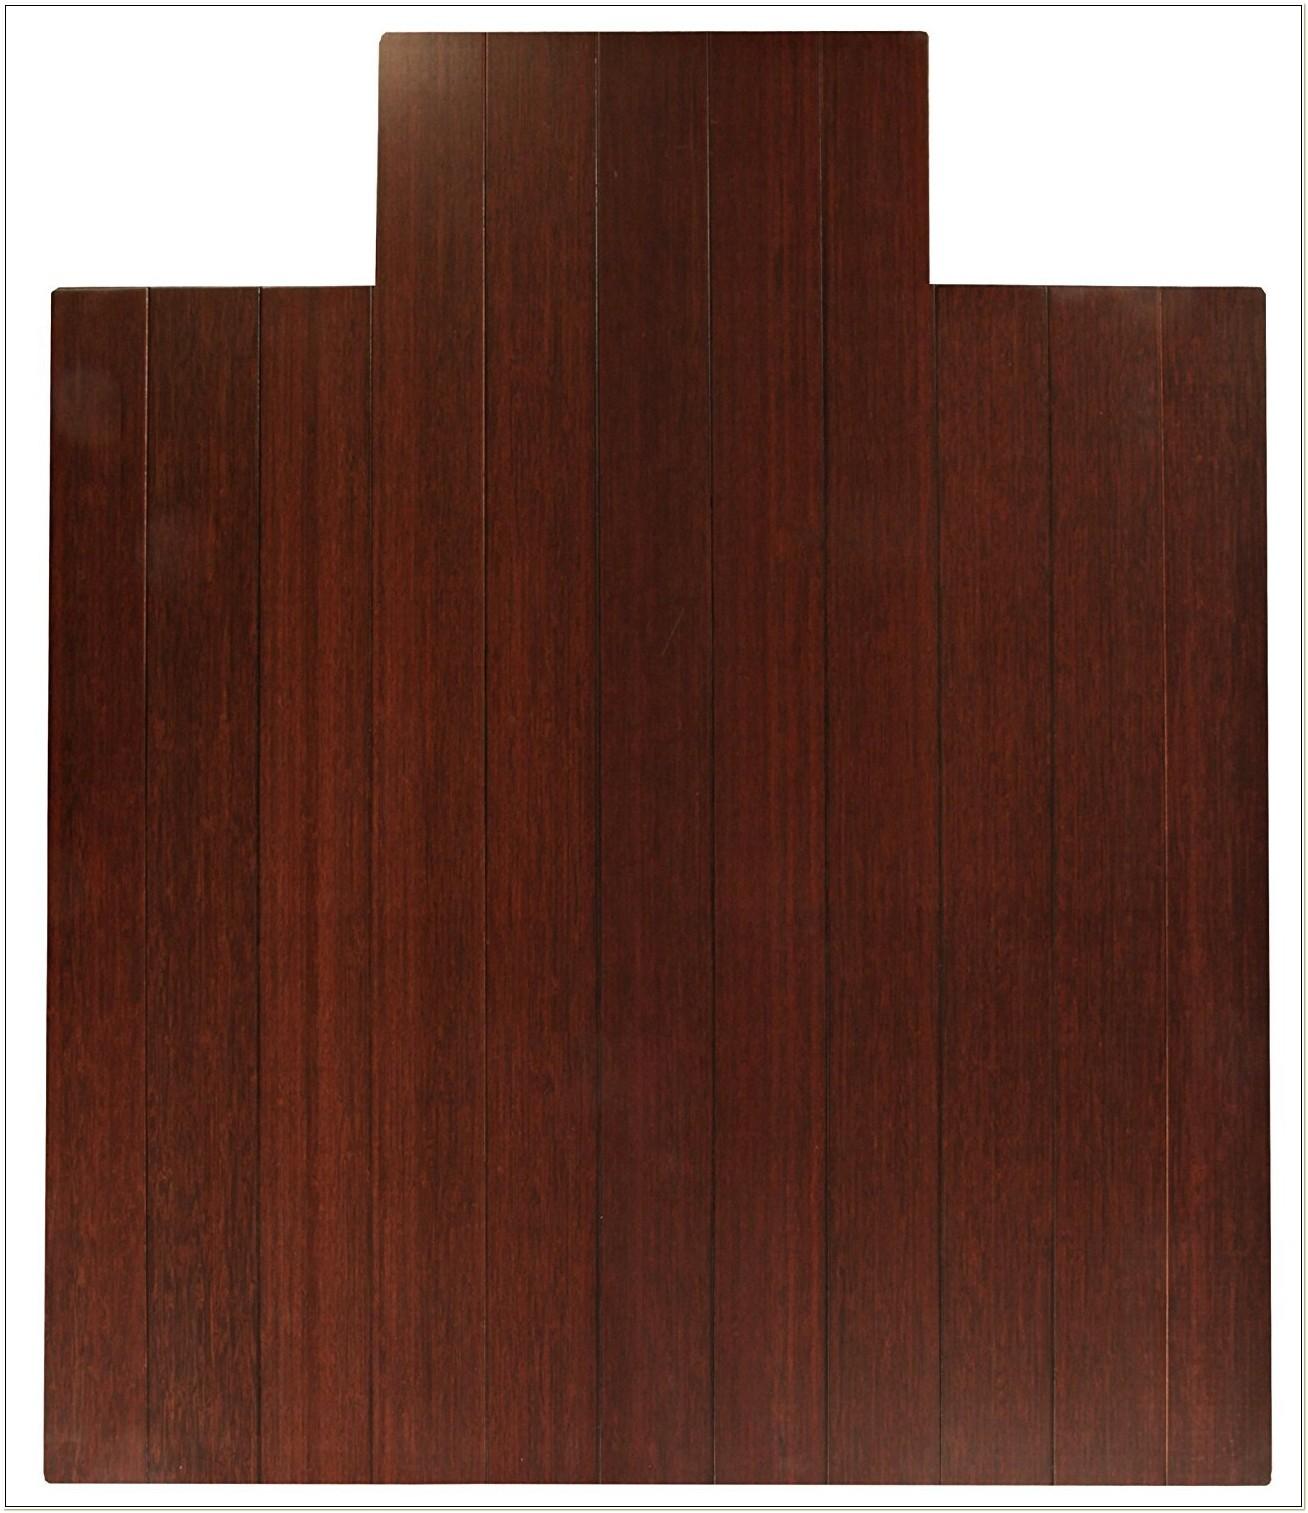 Divoga Bamboo Chair Mat Cherry